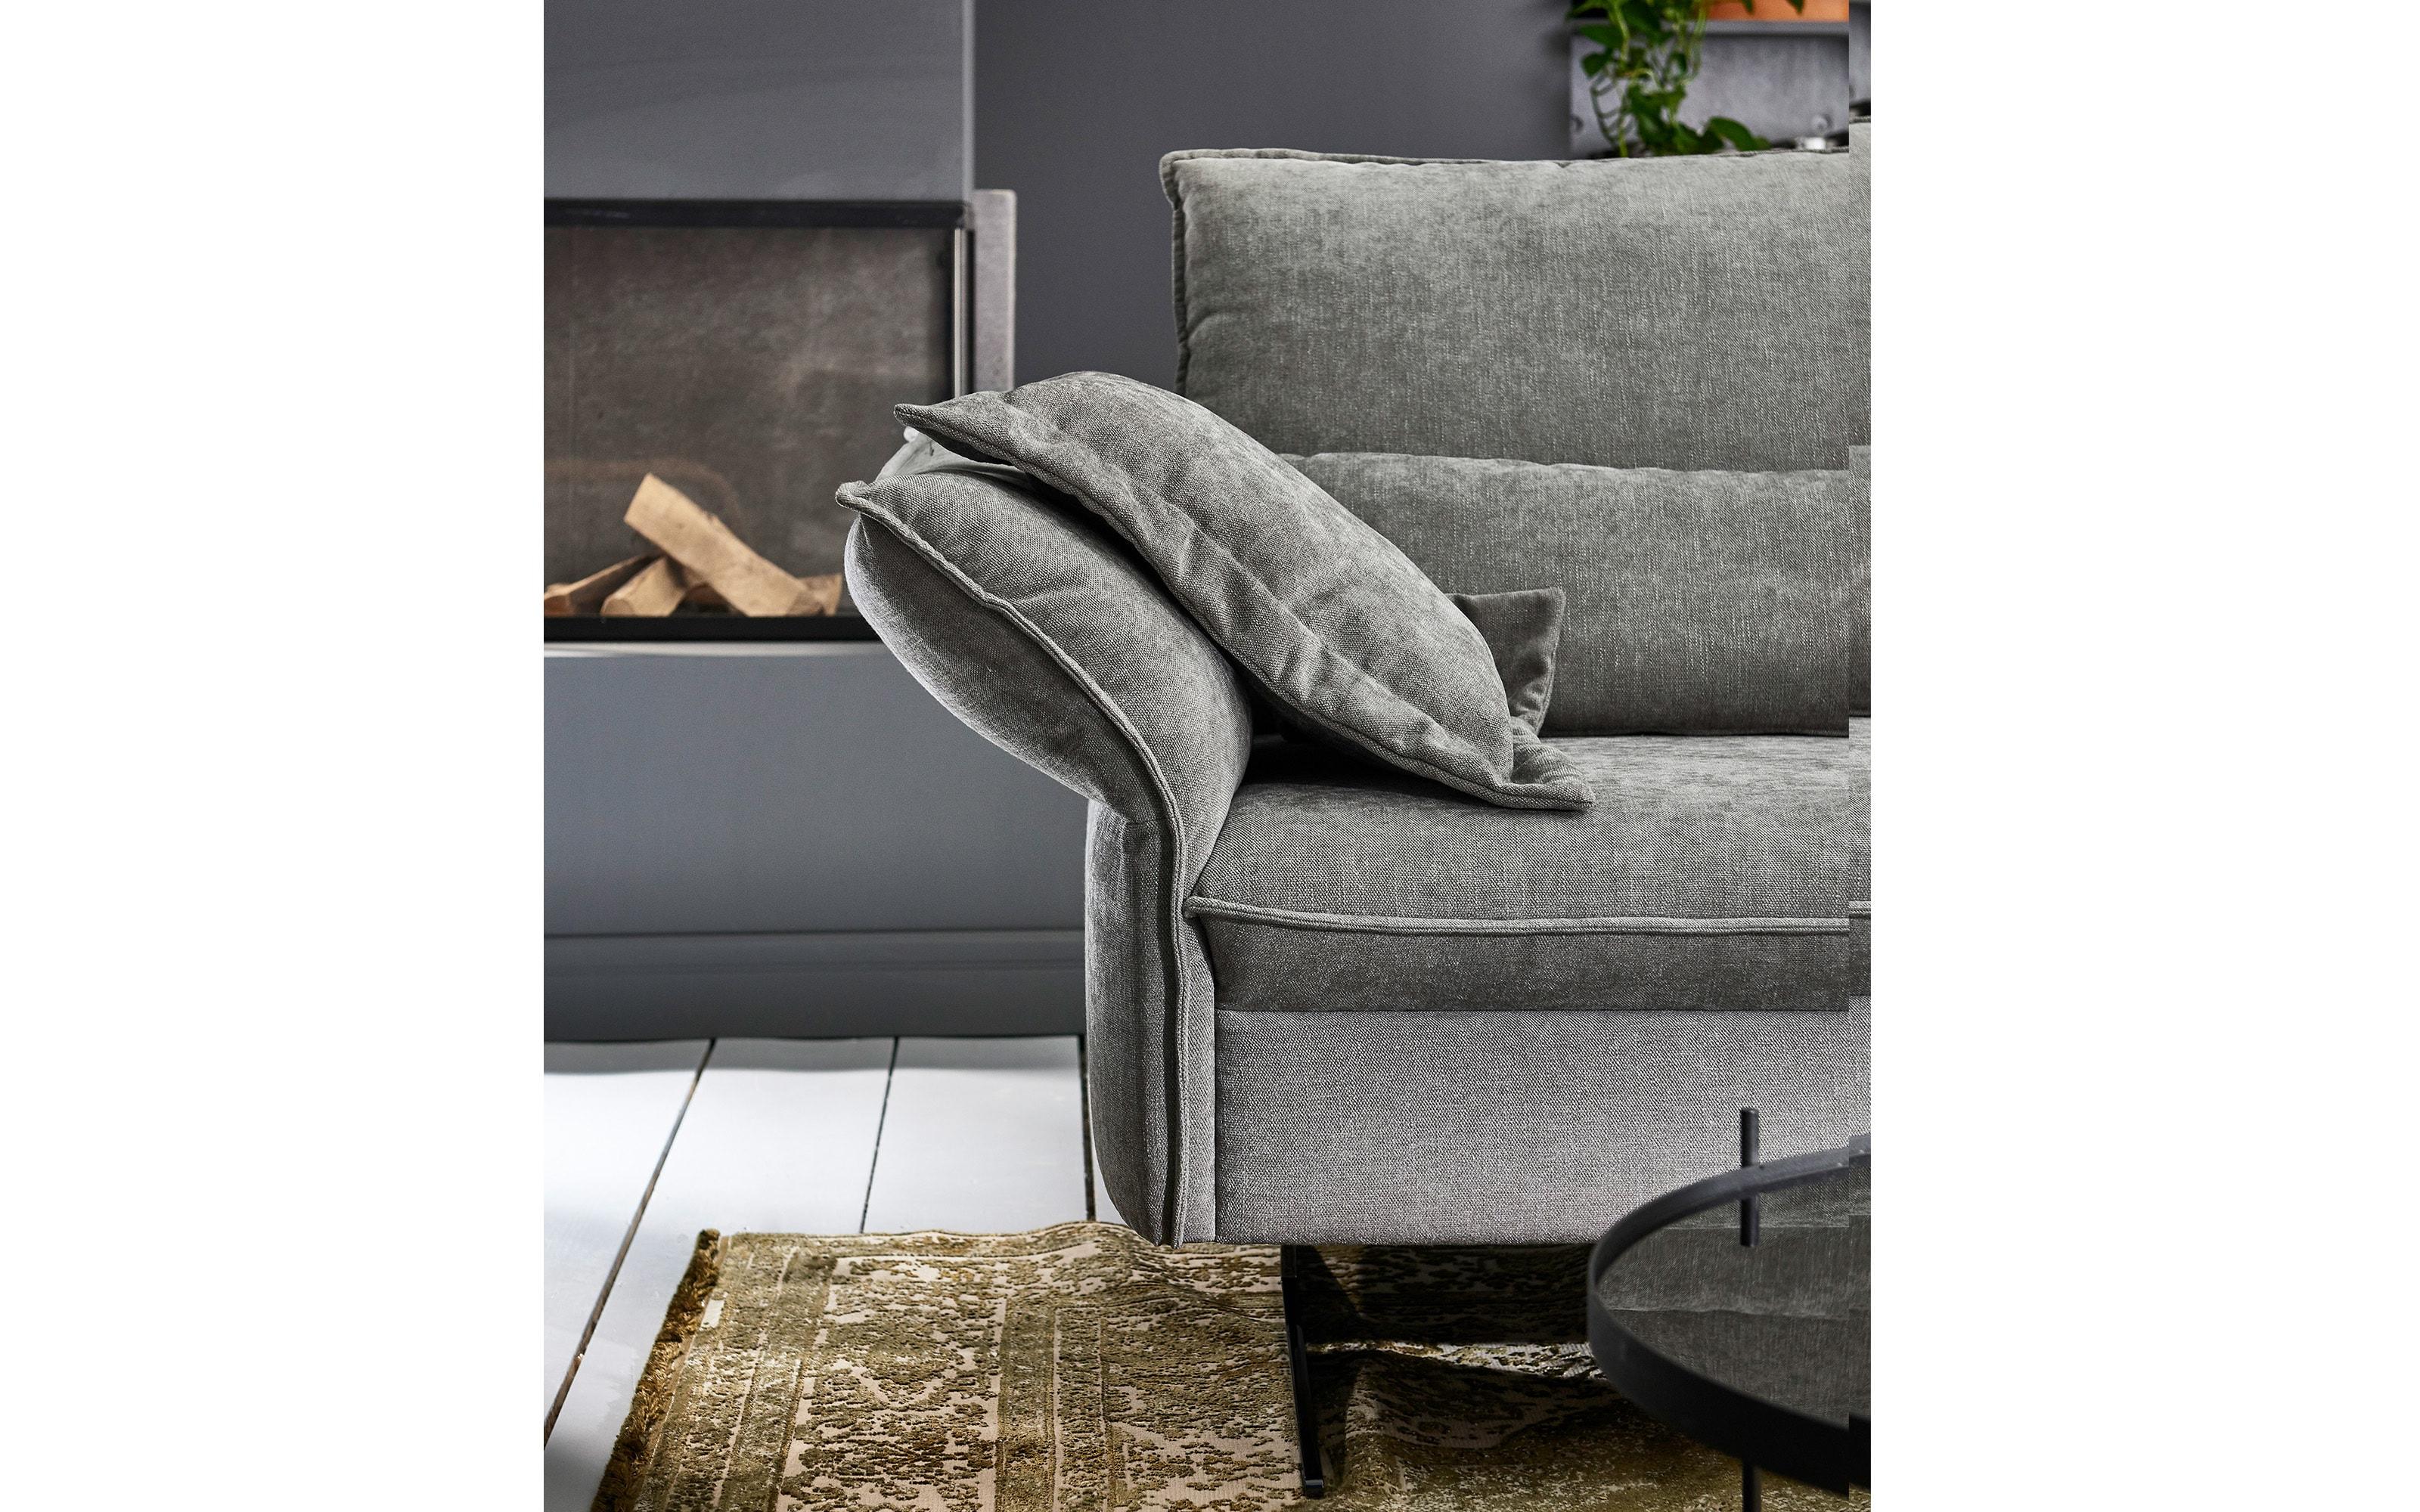 Wohnlandschaft TS 233 in grey, inklusive manuelle Sitztiefenverstellung